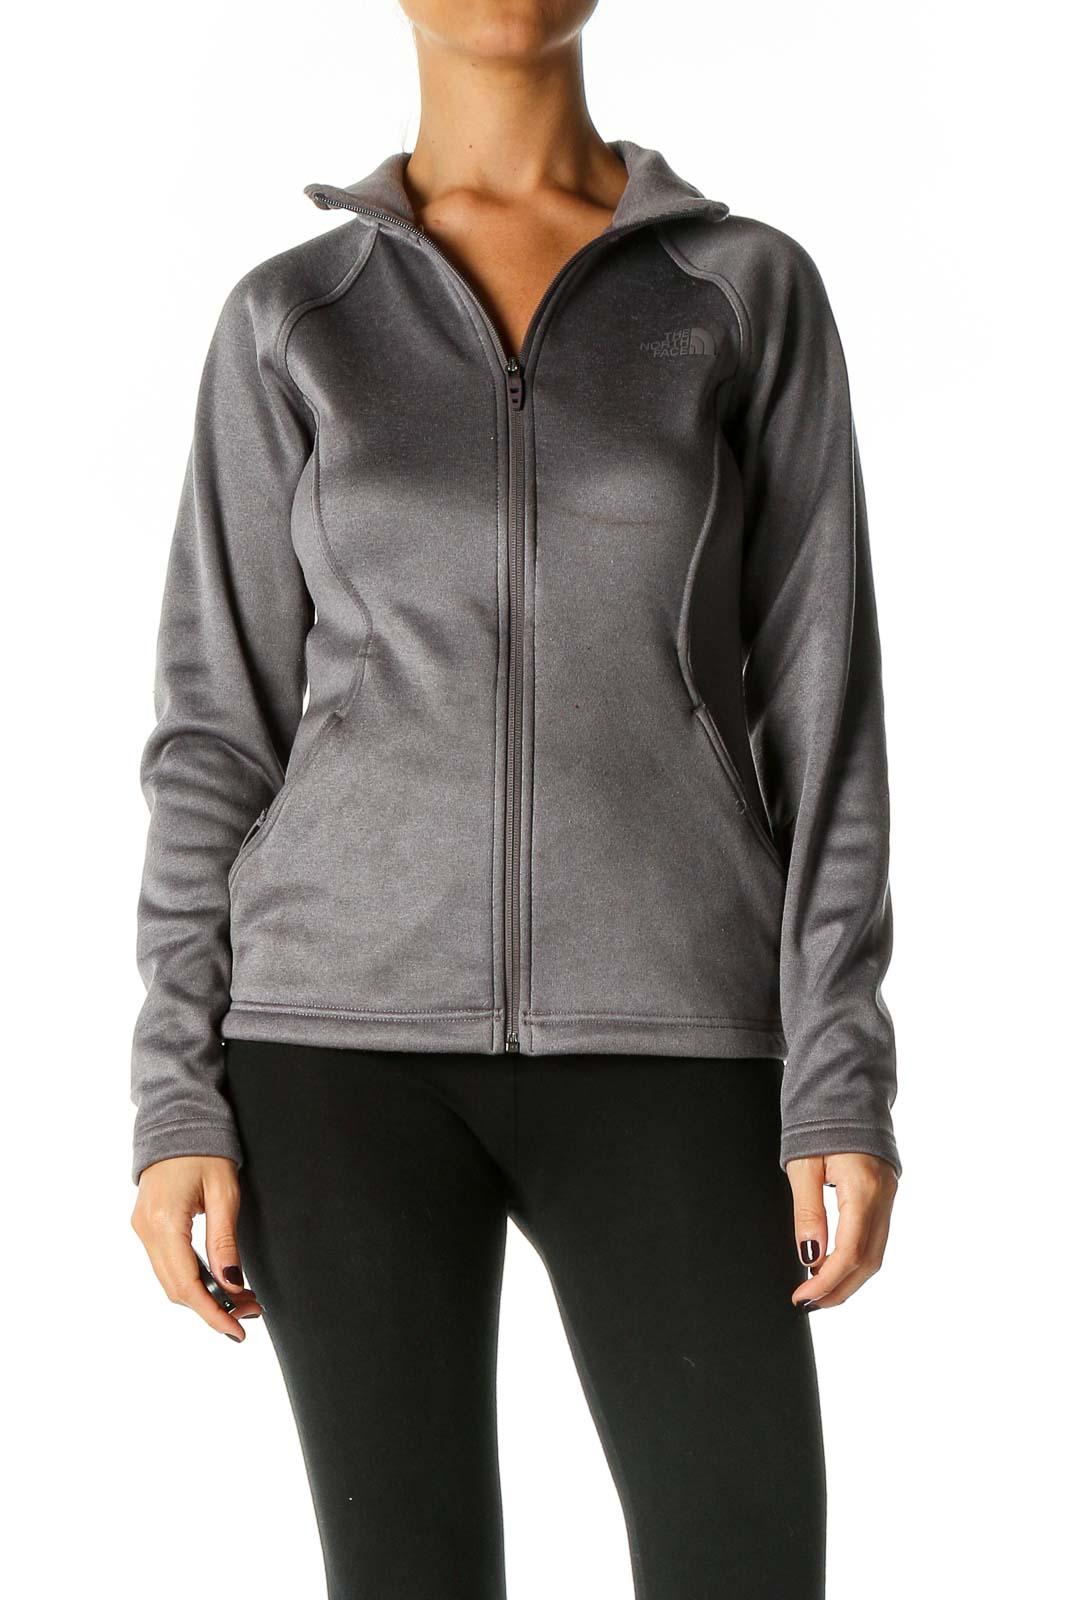 Gray Solid Sweatshirt Front